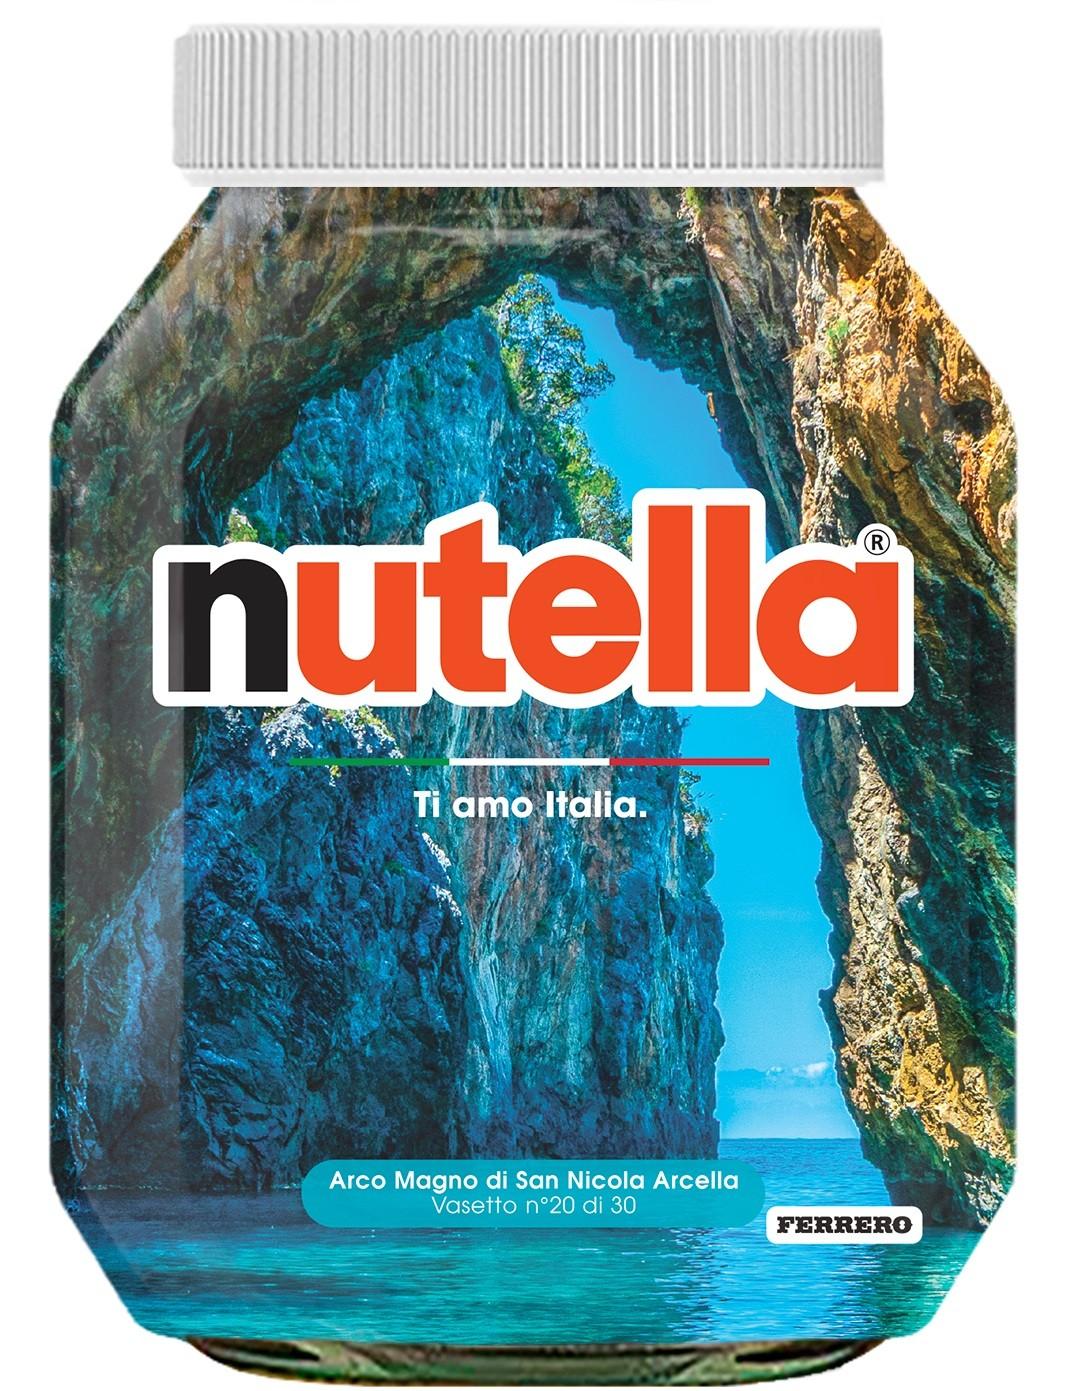 Nutella 20 Calabria Arco Magno di San Nicola Arcella